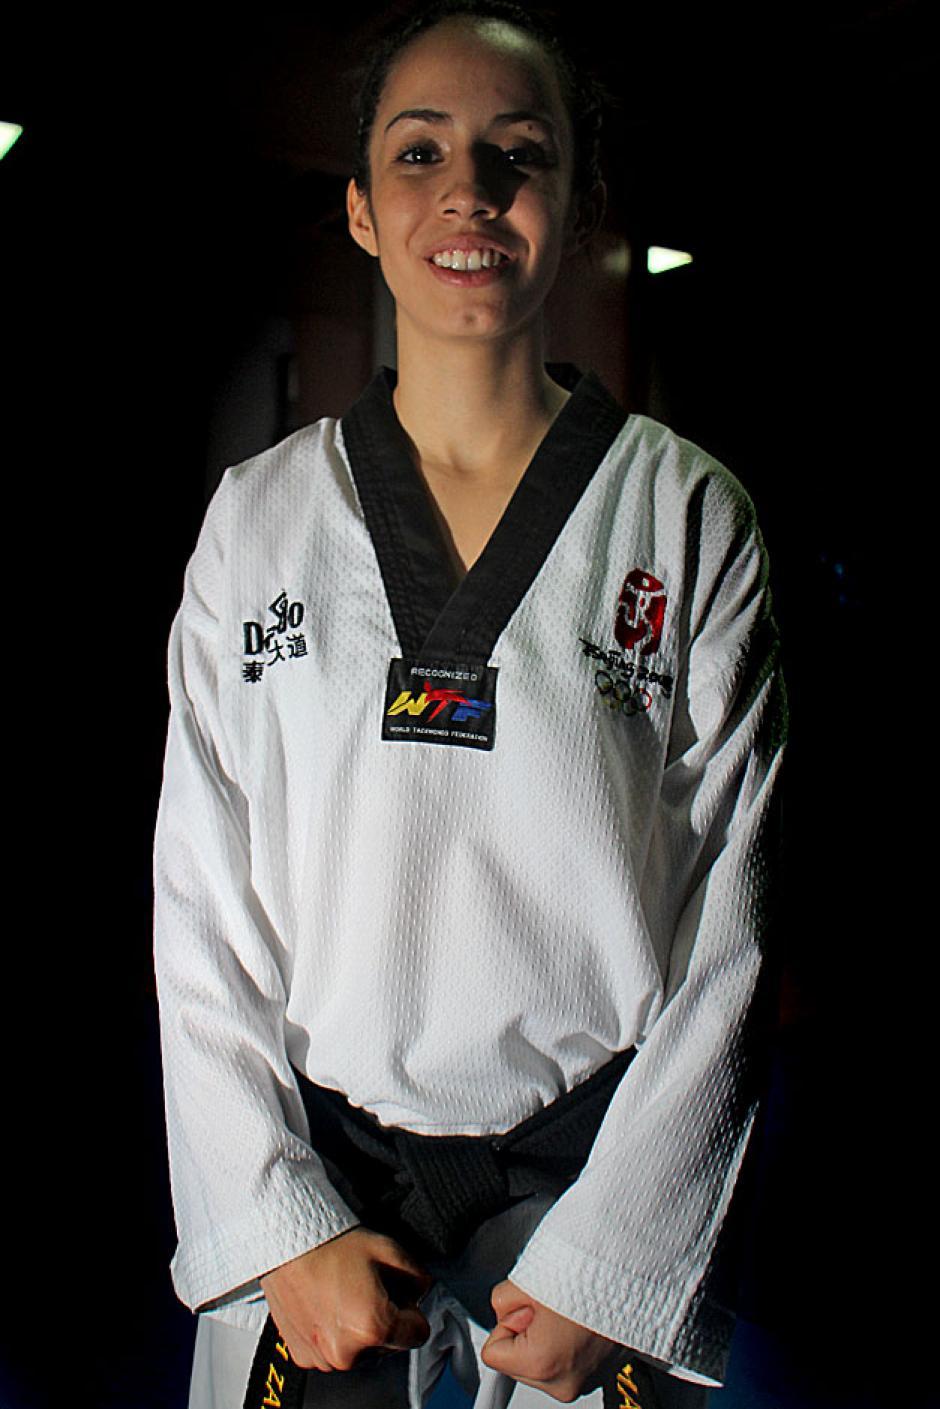 Su estatura es 1.58 metros y pesa 107 libras, lo que le permite participar en la categoría de menos de 49 kilos en taekwondo.